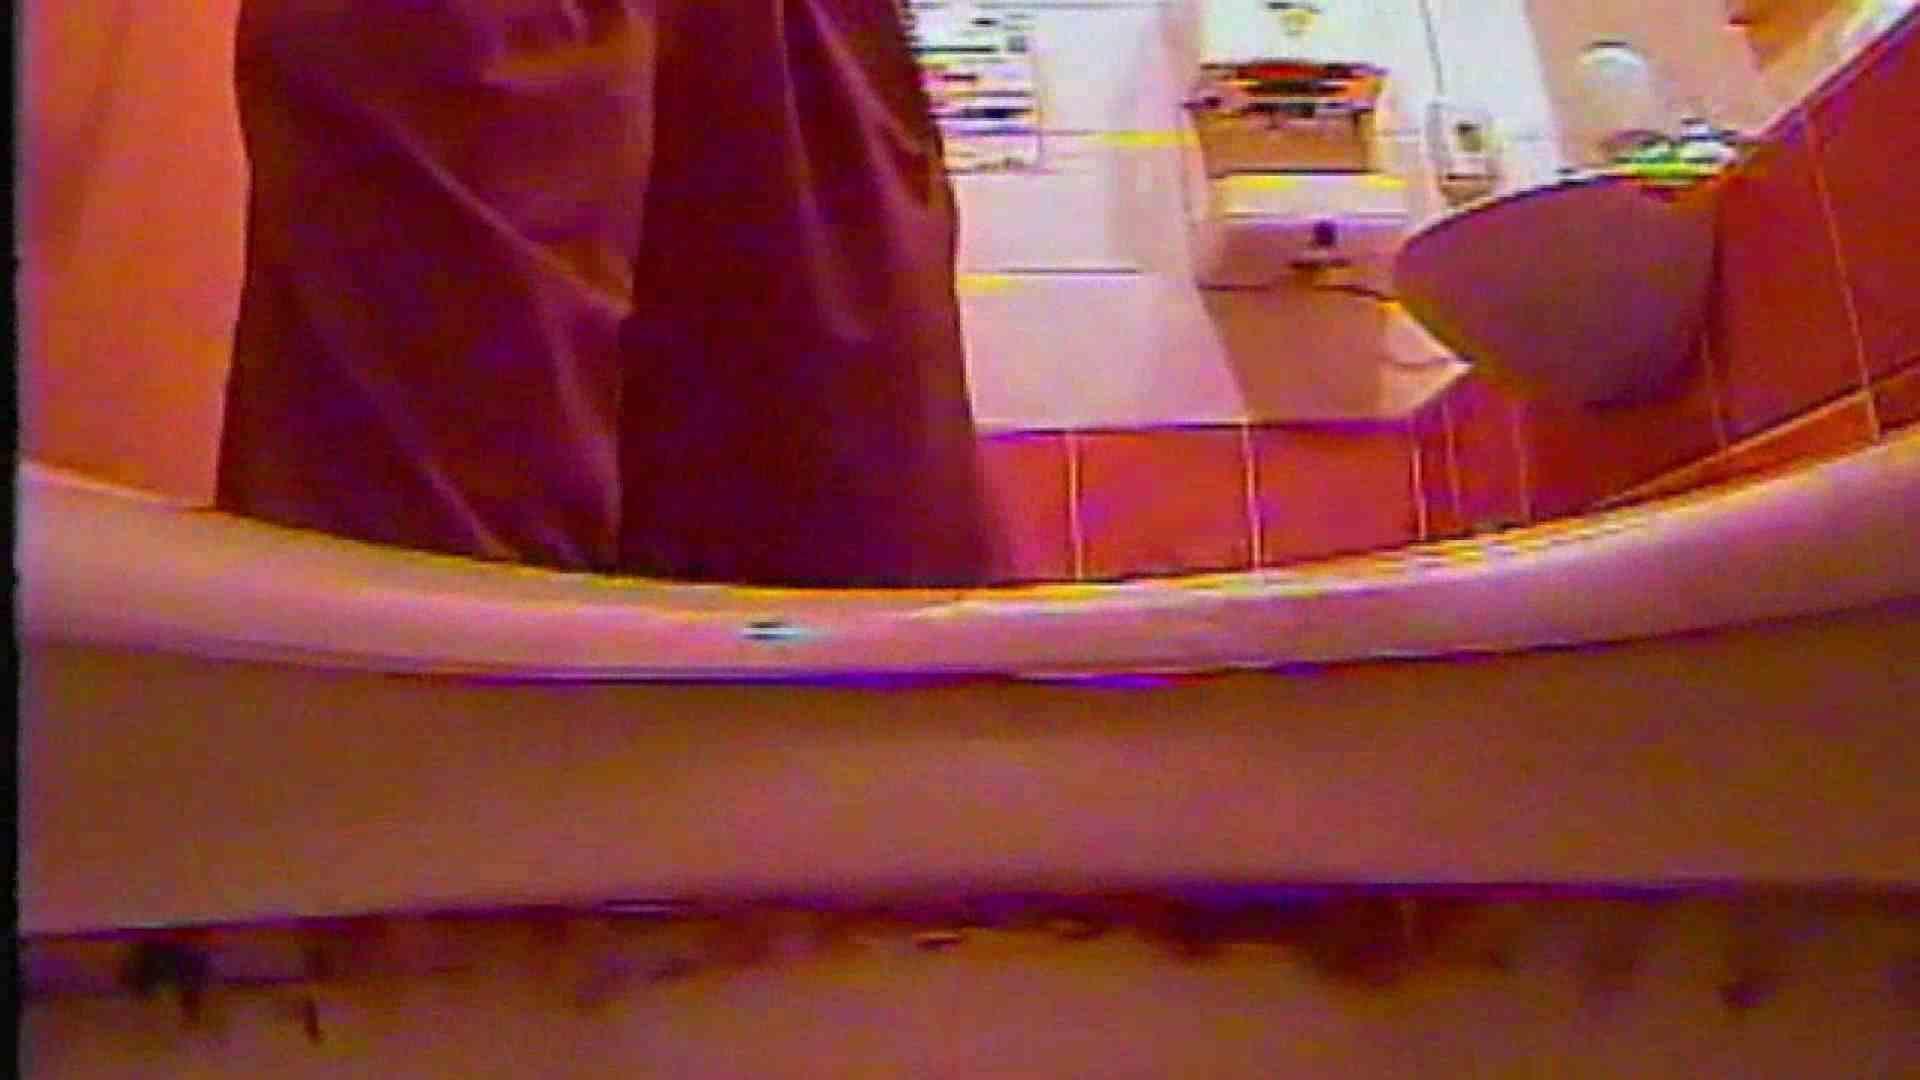 キレカワ女子大生の秘密の洗面所!Vol.047 OL女体 すけべAV動画紹介 105連発 98